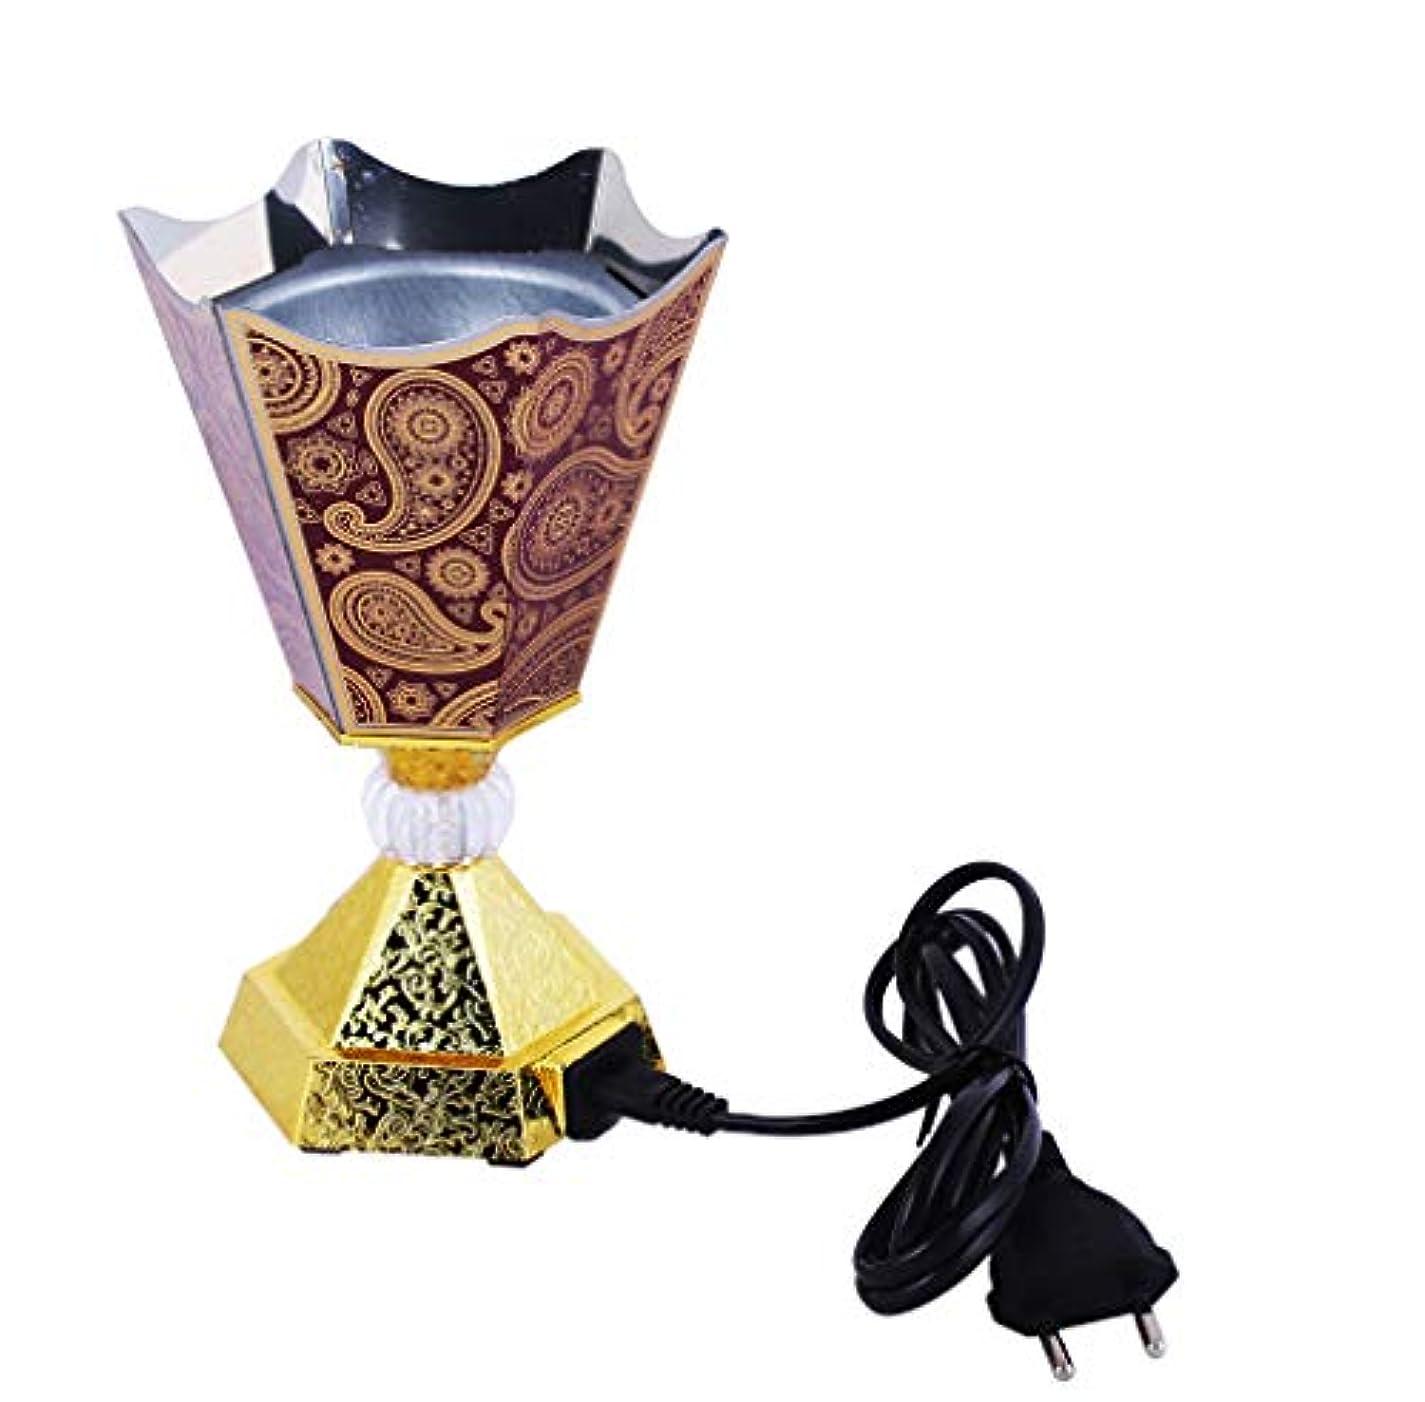 命令的一元化するモンクVintage Style Incense Bakhoor/Oud Burner Frankincense Incense Holder Electric, Best for Gifting